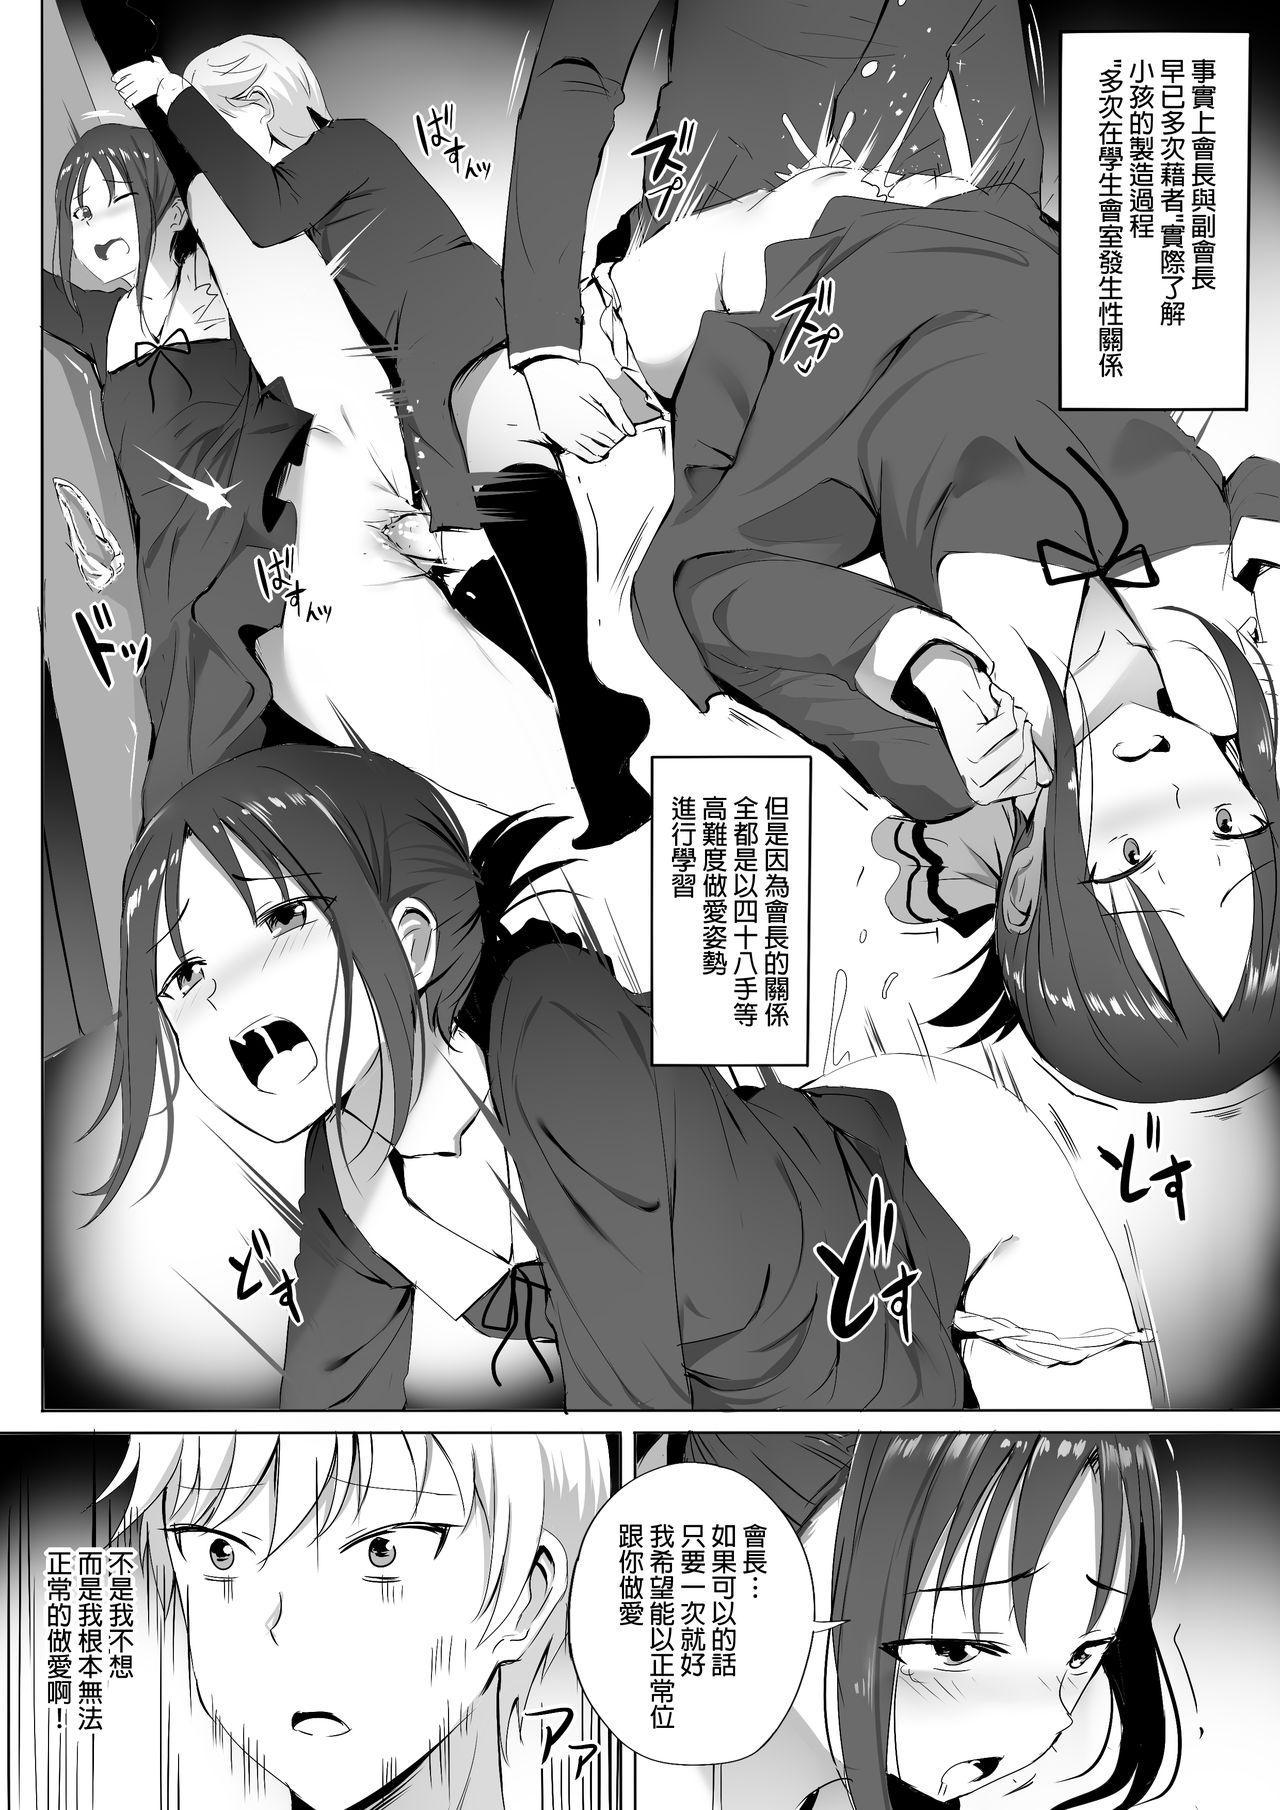 [Ginhaha] Gakuseikai-shoki ni Tokkun-shitai -Shijuuhatte Battle no Seijoui Oshiete ~Coach- (Kaguya-sama wa Kokurasetai) [Chinese] 3